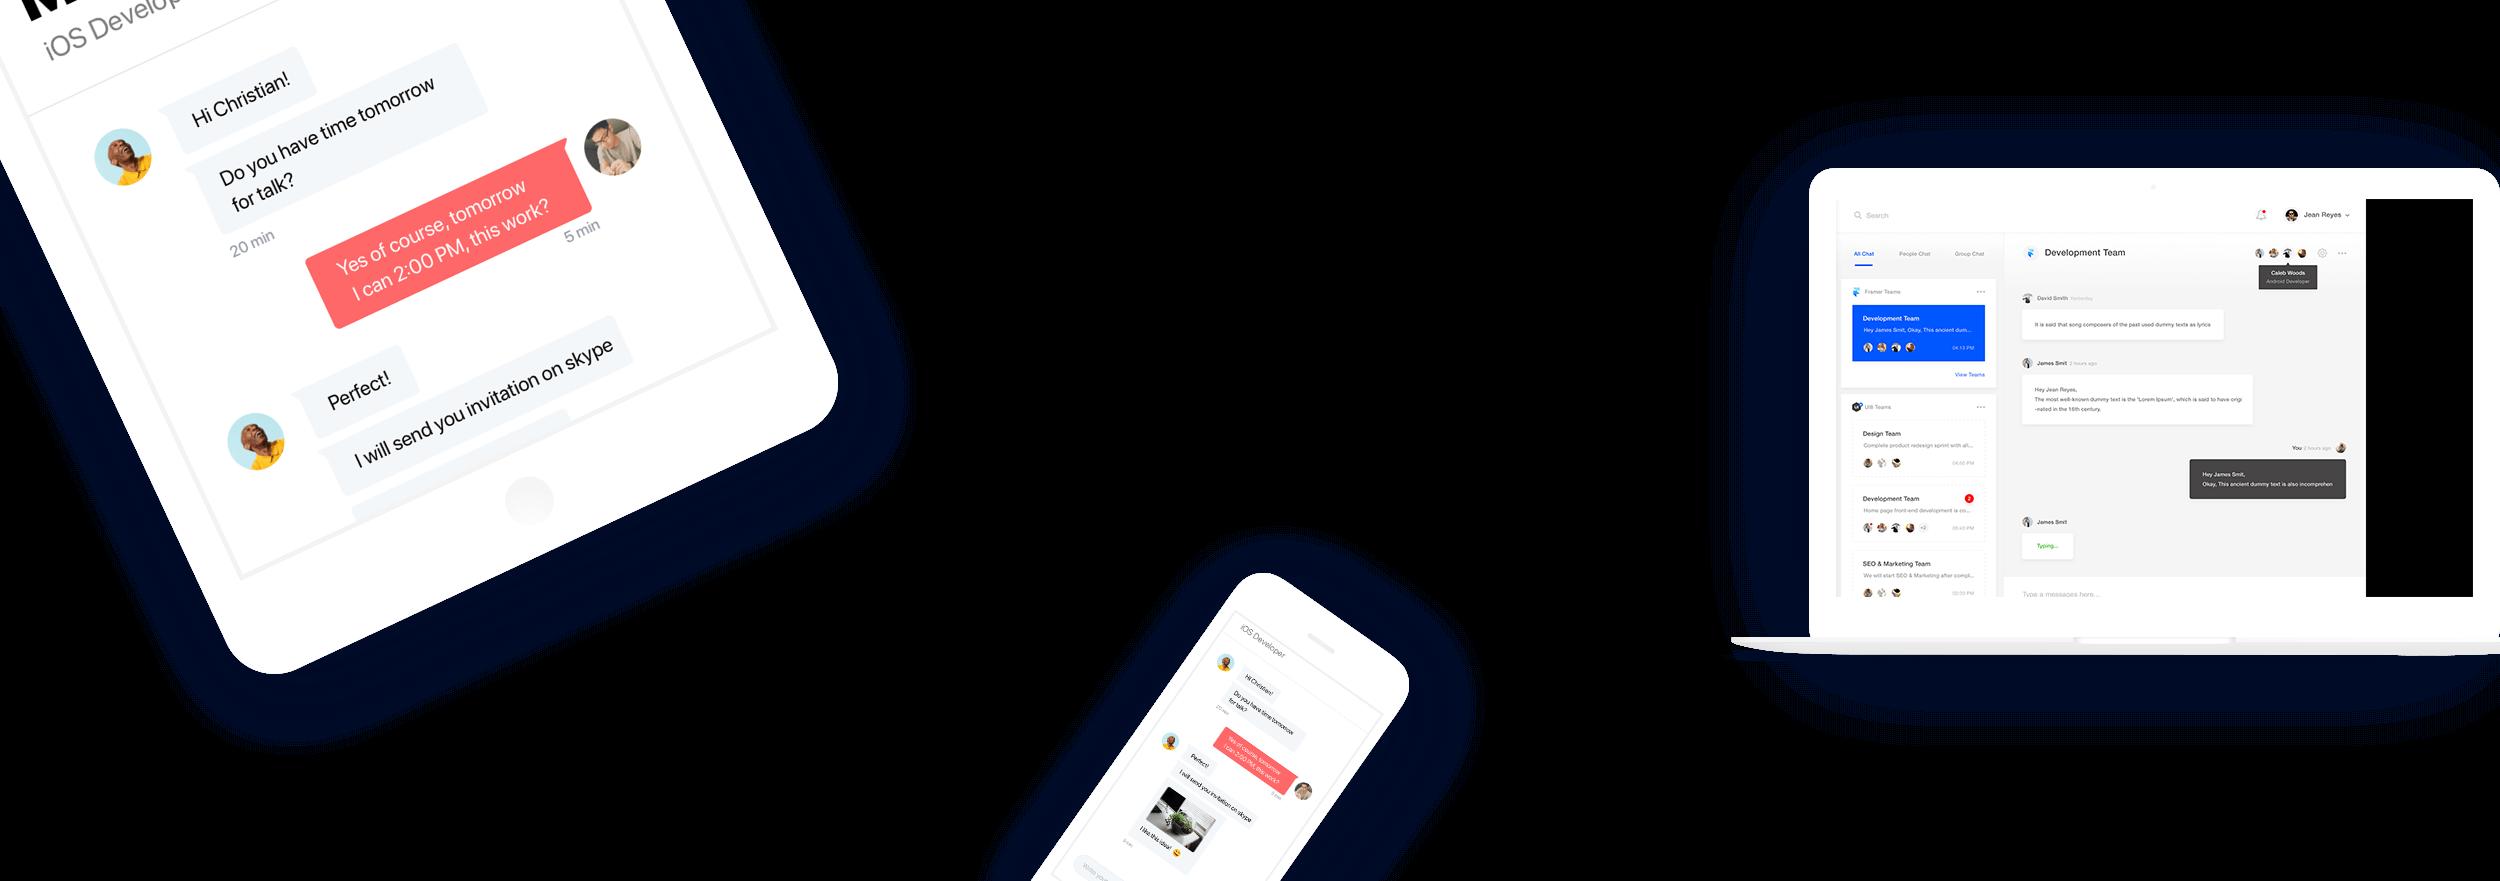 Νέο πρόγραμμα ΕΣΠΑ για δημιουργία eshop. 100% επιδότηση 5.000€